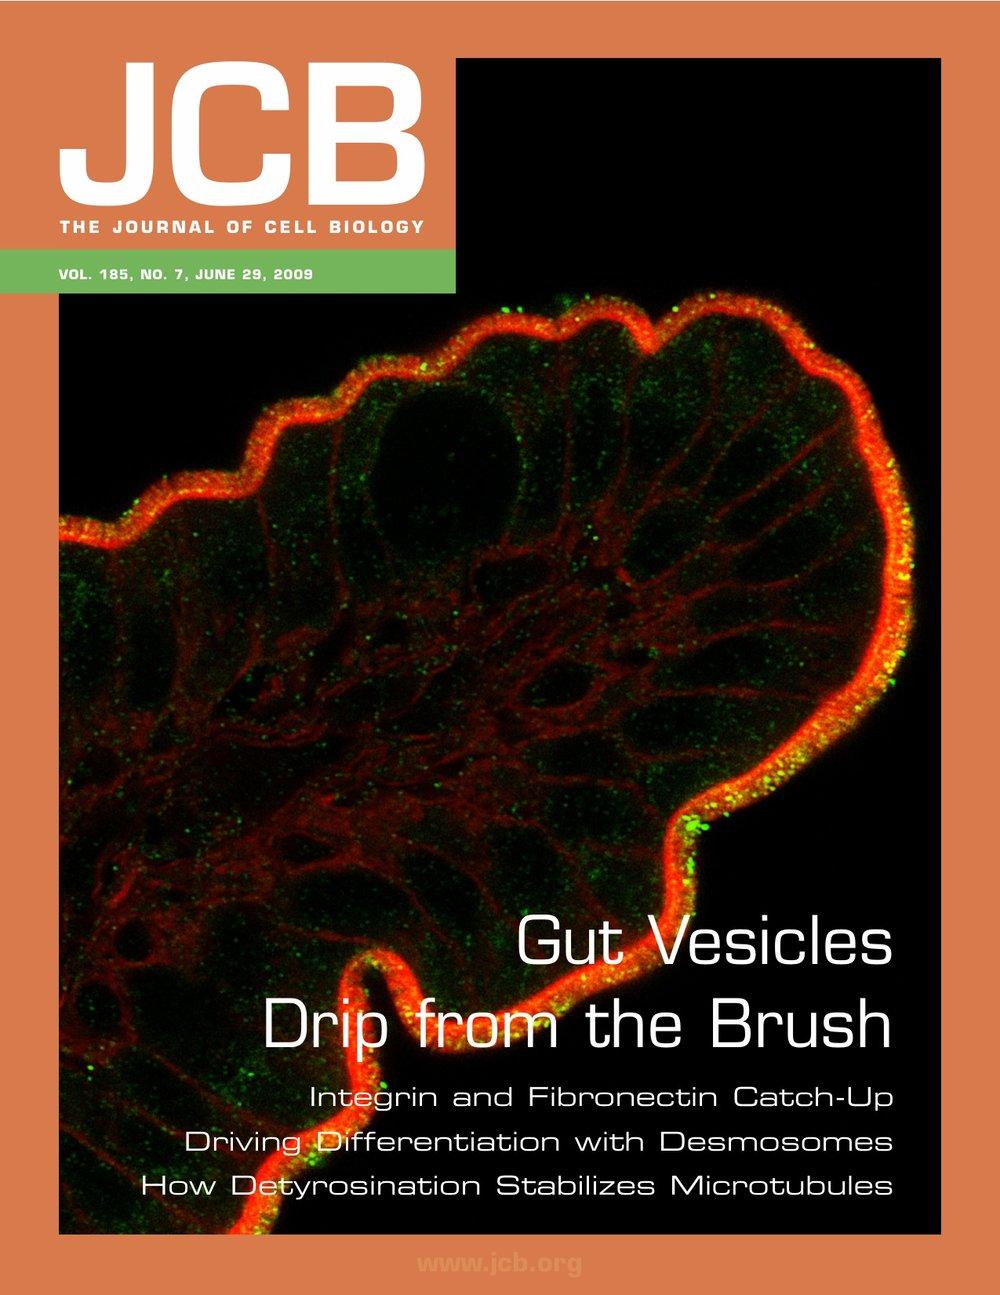 JCB2009 Cover.jpg